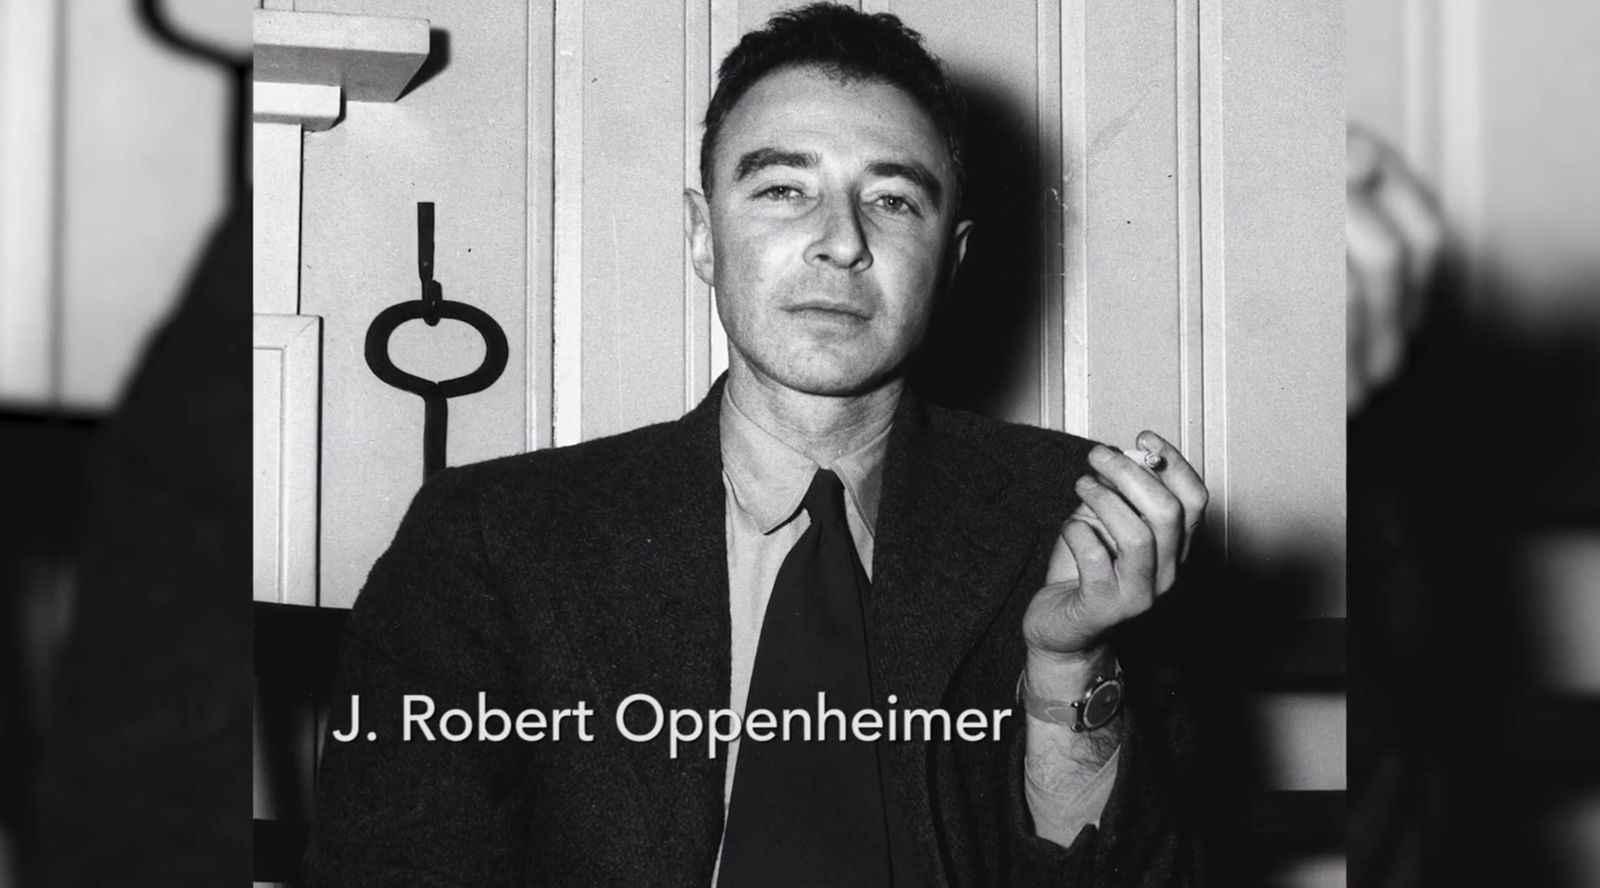 3 J Robert Oppenheimer